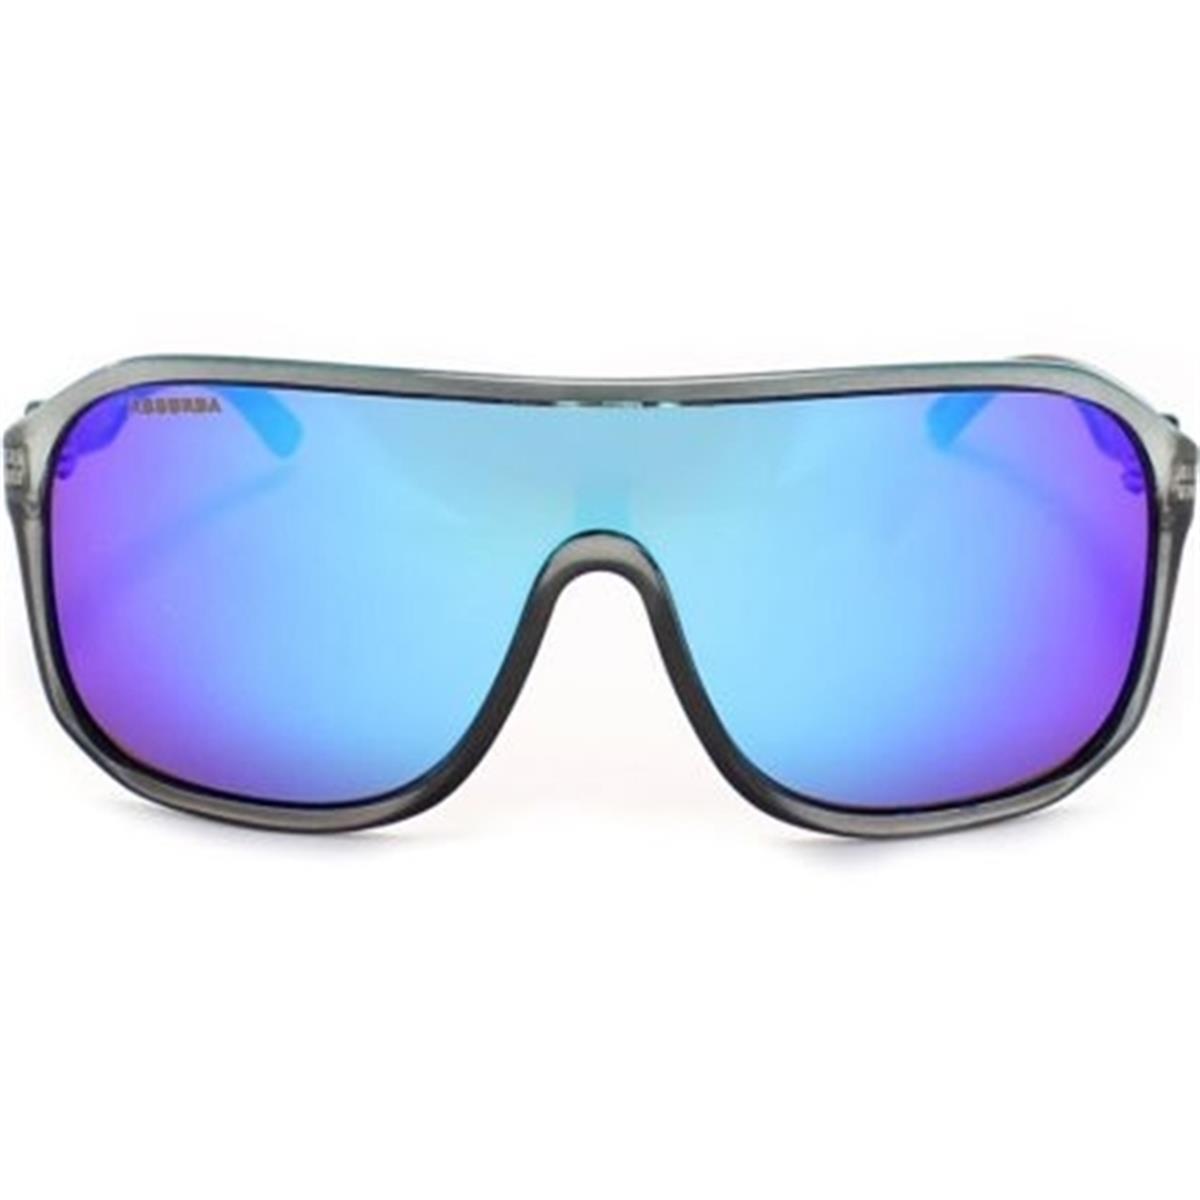 Óculos de Sol Prata Escuro e Lente Azul GUANABARA Absurda 2875013885